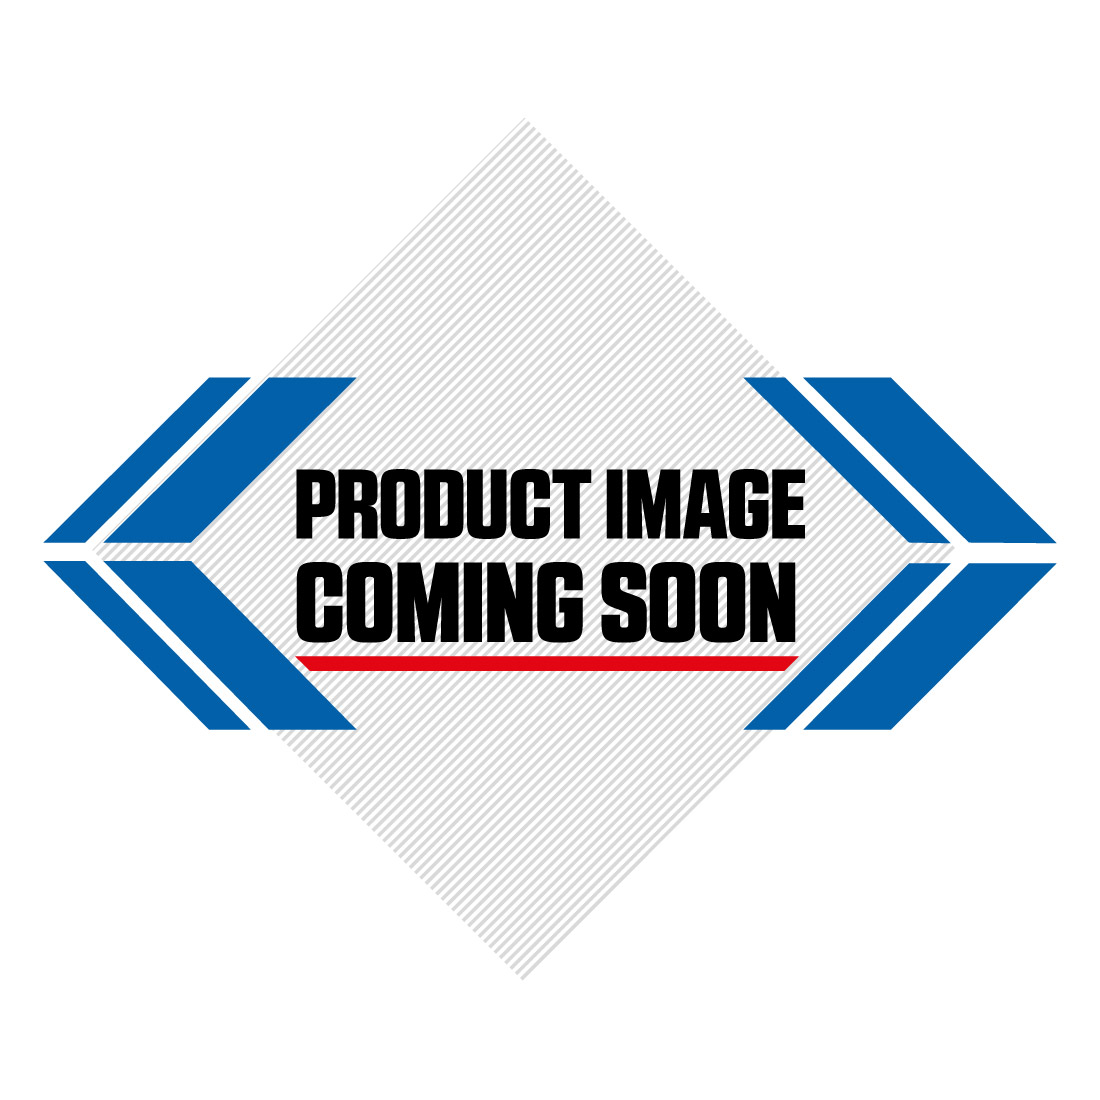 Husqvarna Plastic Kit OEM Factory (2006) Image-1>